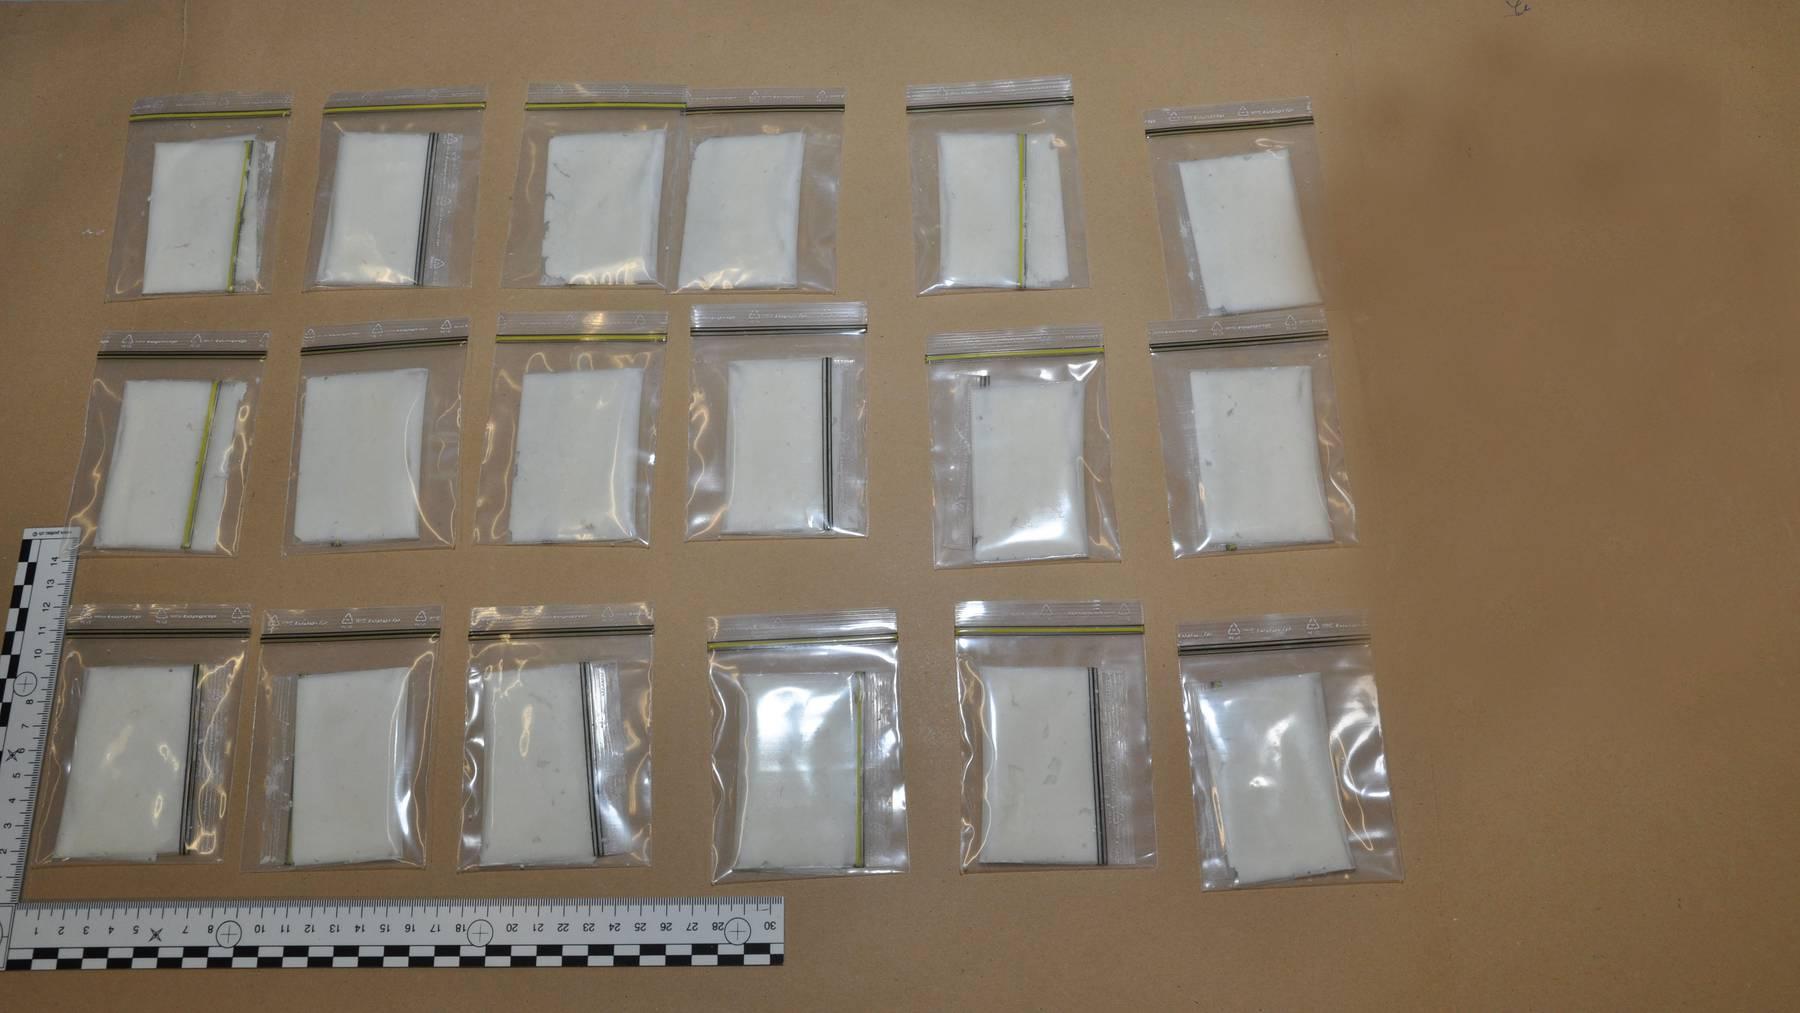 Drogendealer in Steinhausen festgenommen